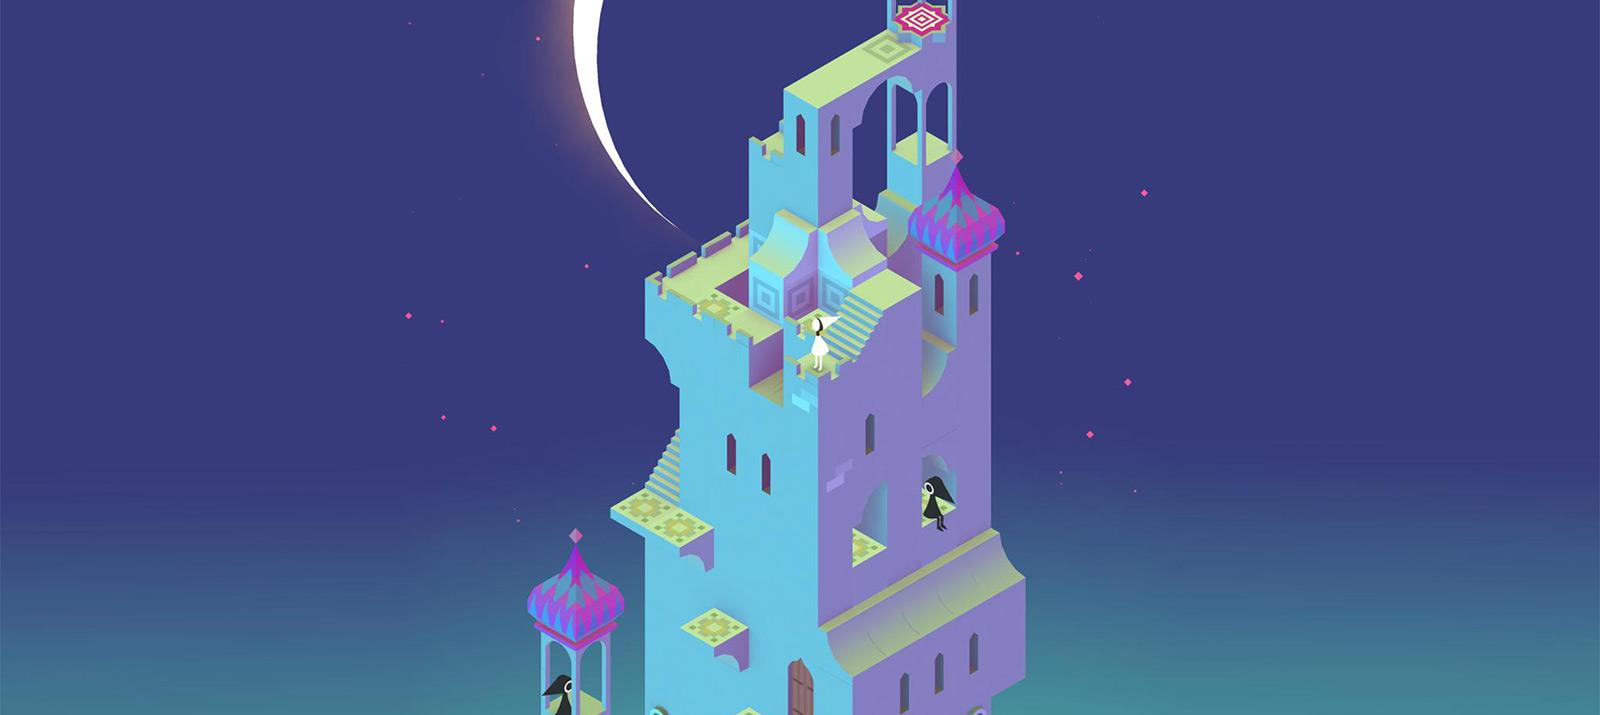 Monument Valley 2 раздают бесплатно на iOS и Android